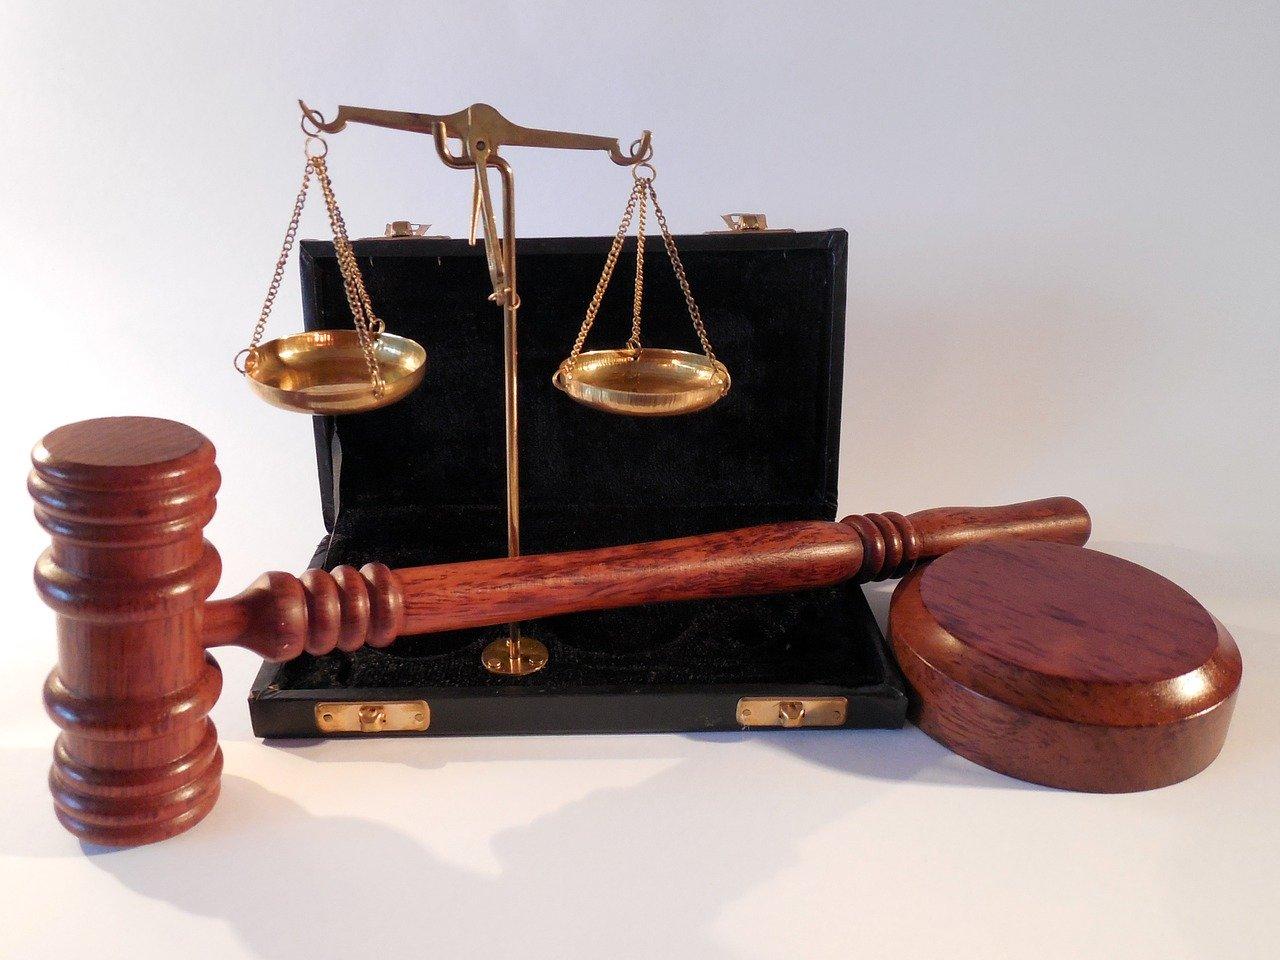 Illecito deontologico avvocati cos'è, quando scatta e prezzi di concorrenza